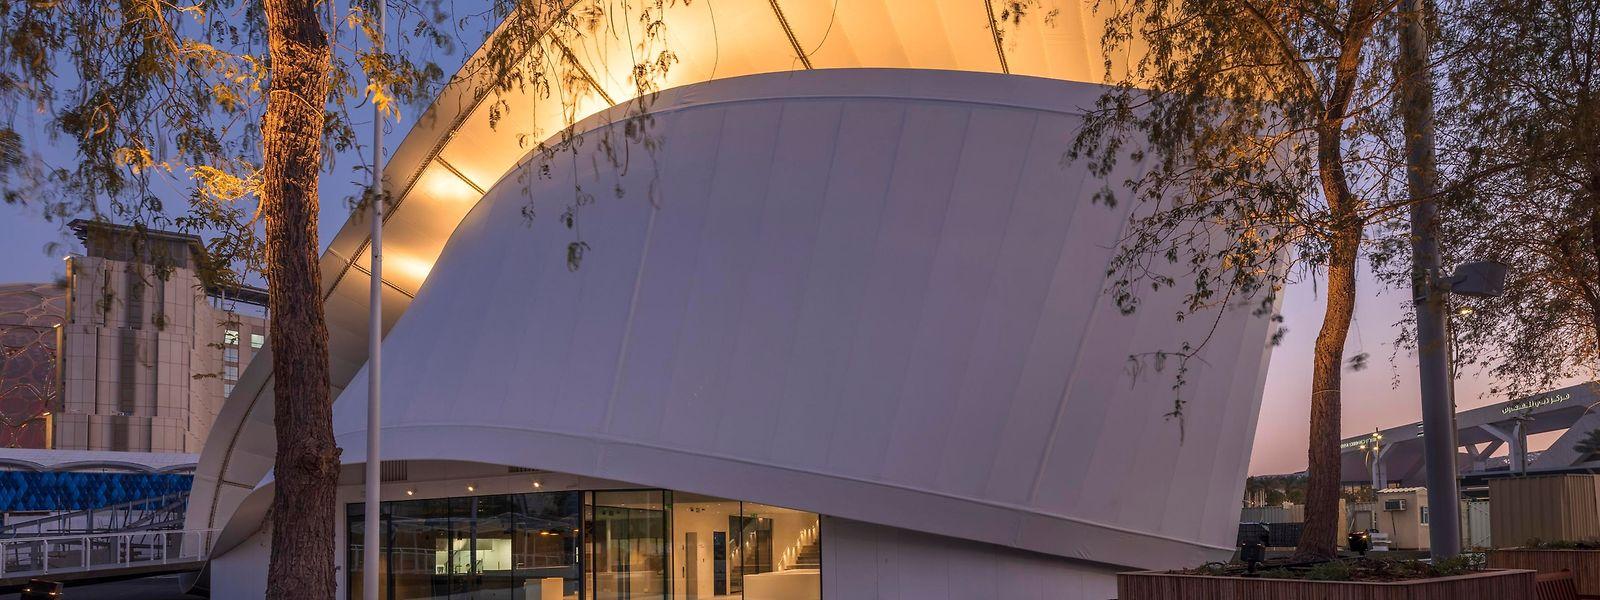 Chaque jour, plus d'une trentaine de personnels assureront la représentation du Luxembourg au cœur du pavillon signé du cabinet d'architectes Metaform.